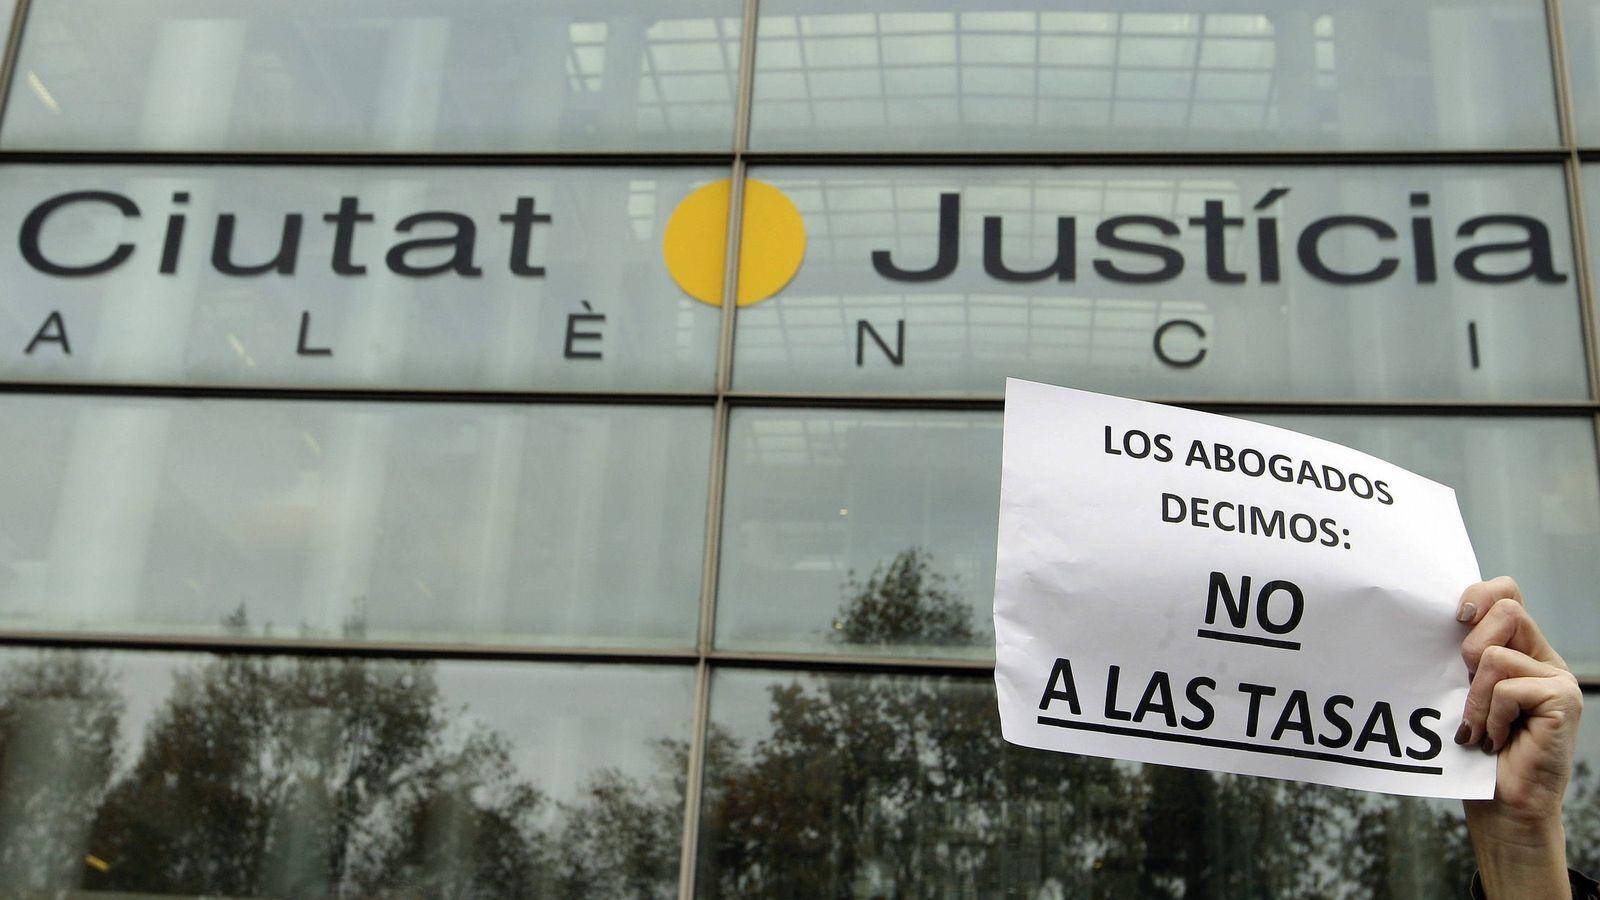 Foto: Una protesta contra las tasas judiciales en la Ciudad de la Justicia de Valencia. (EFE)